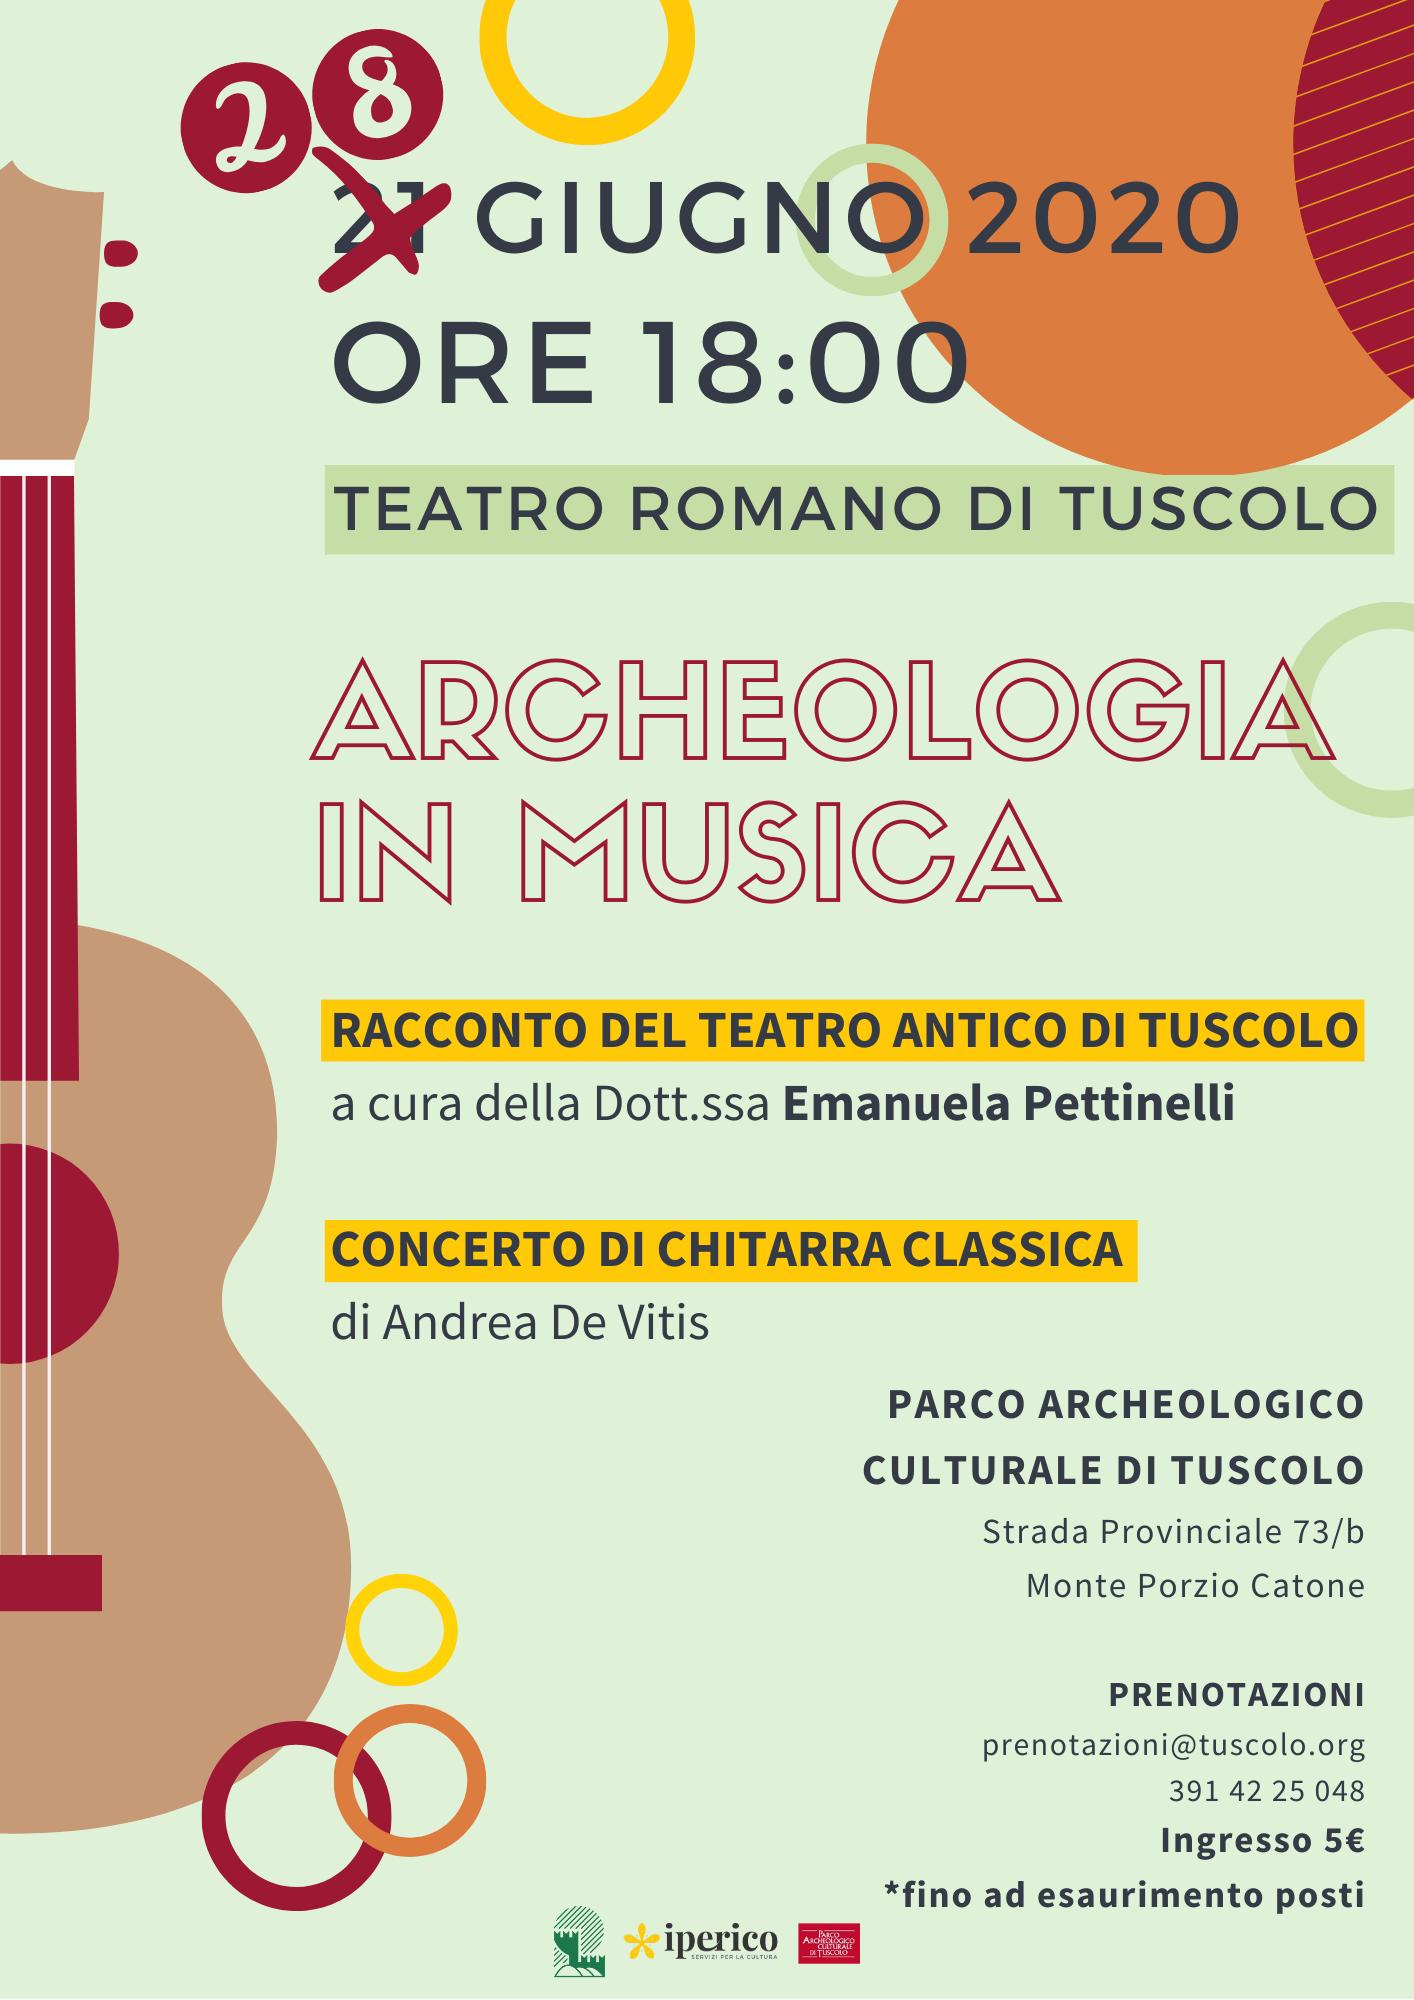 ARCHEOLOGIA IN MUSICA A TUSCOLO